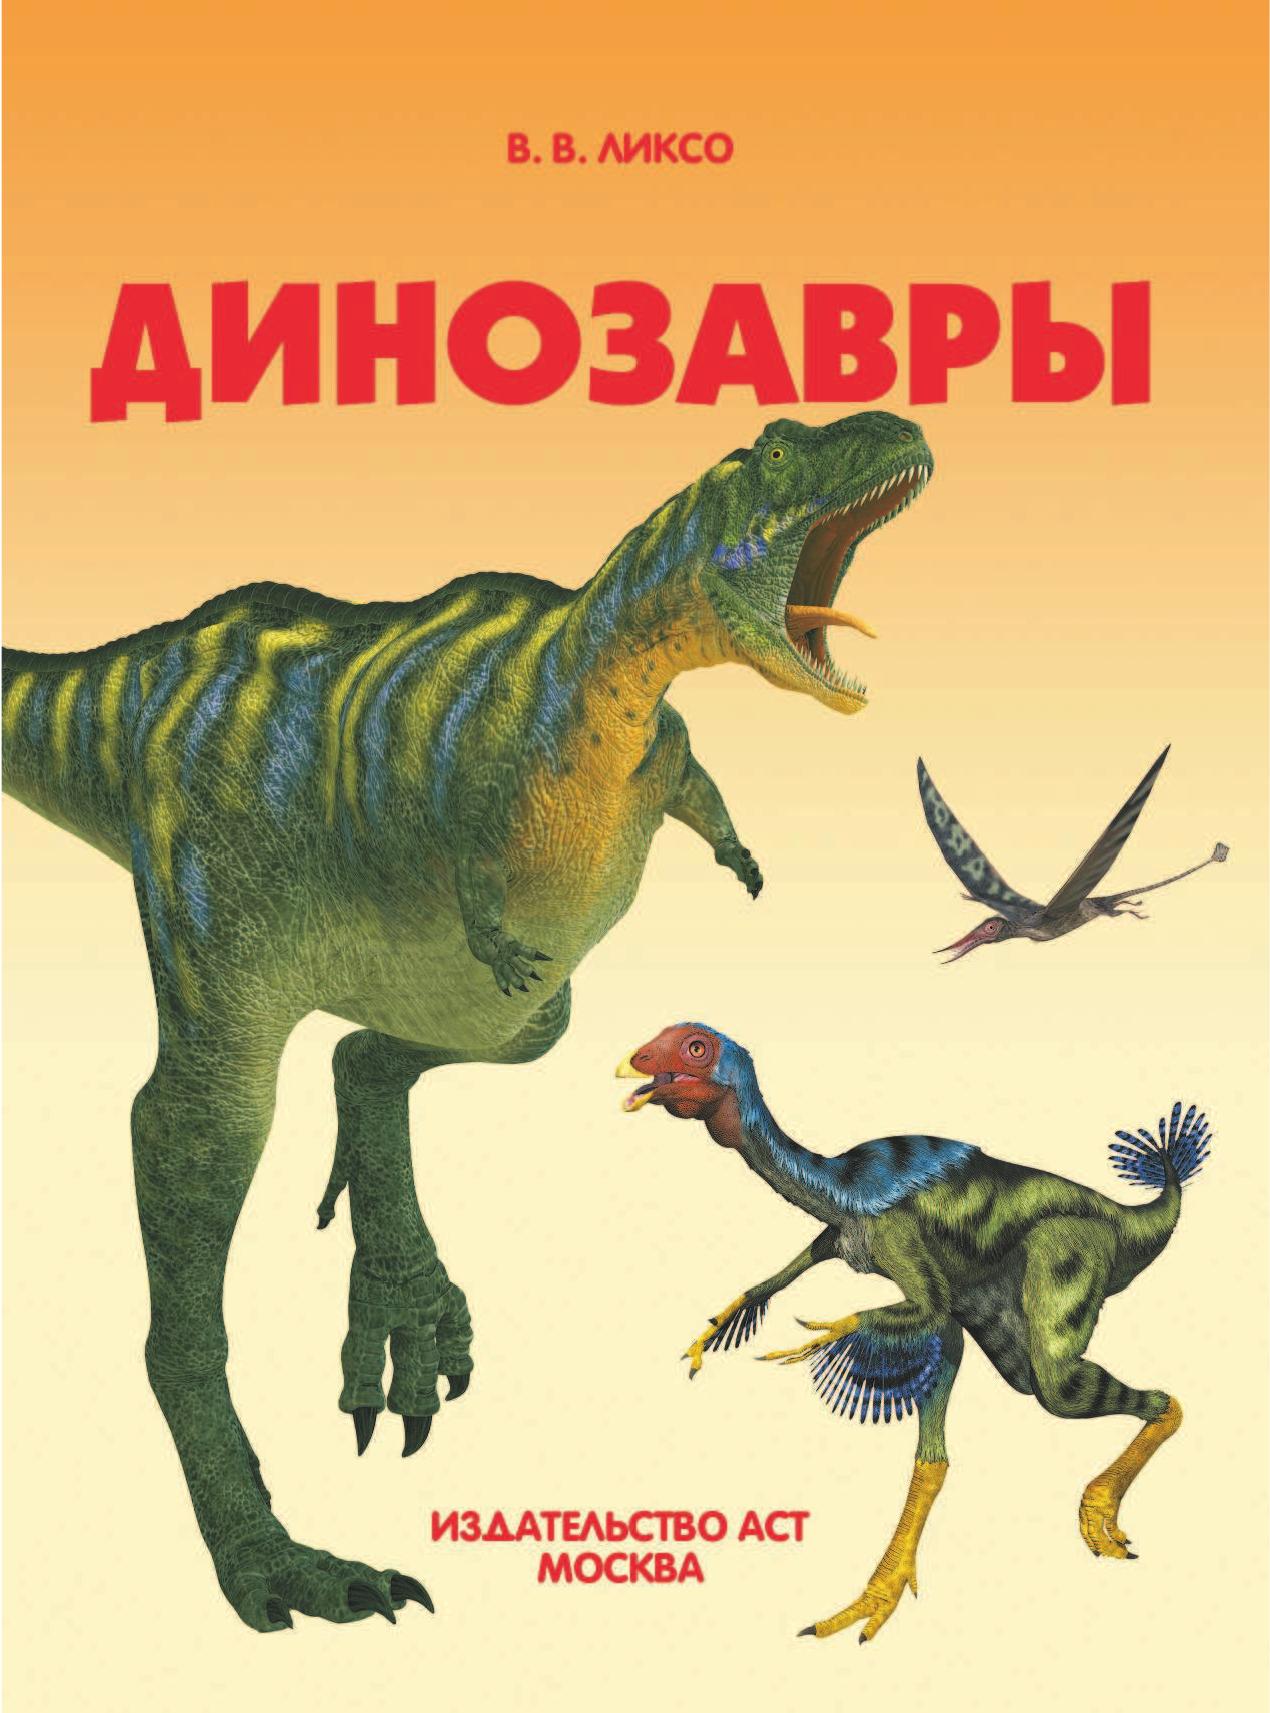 рисунок энциклопедии динозавров танцевального